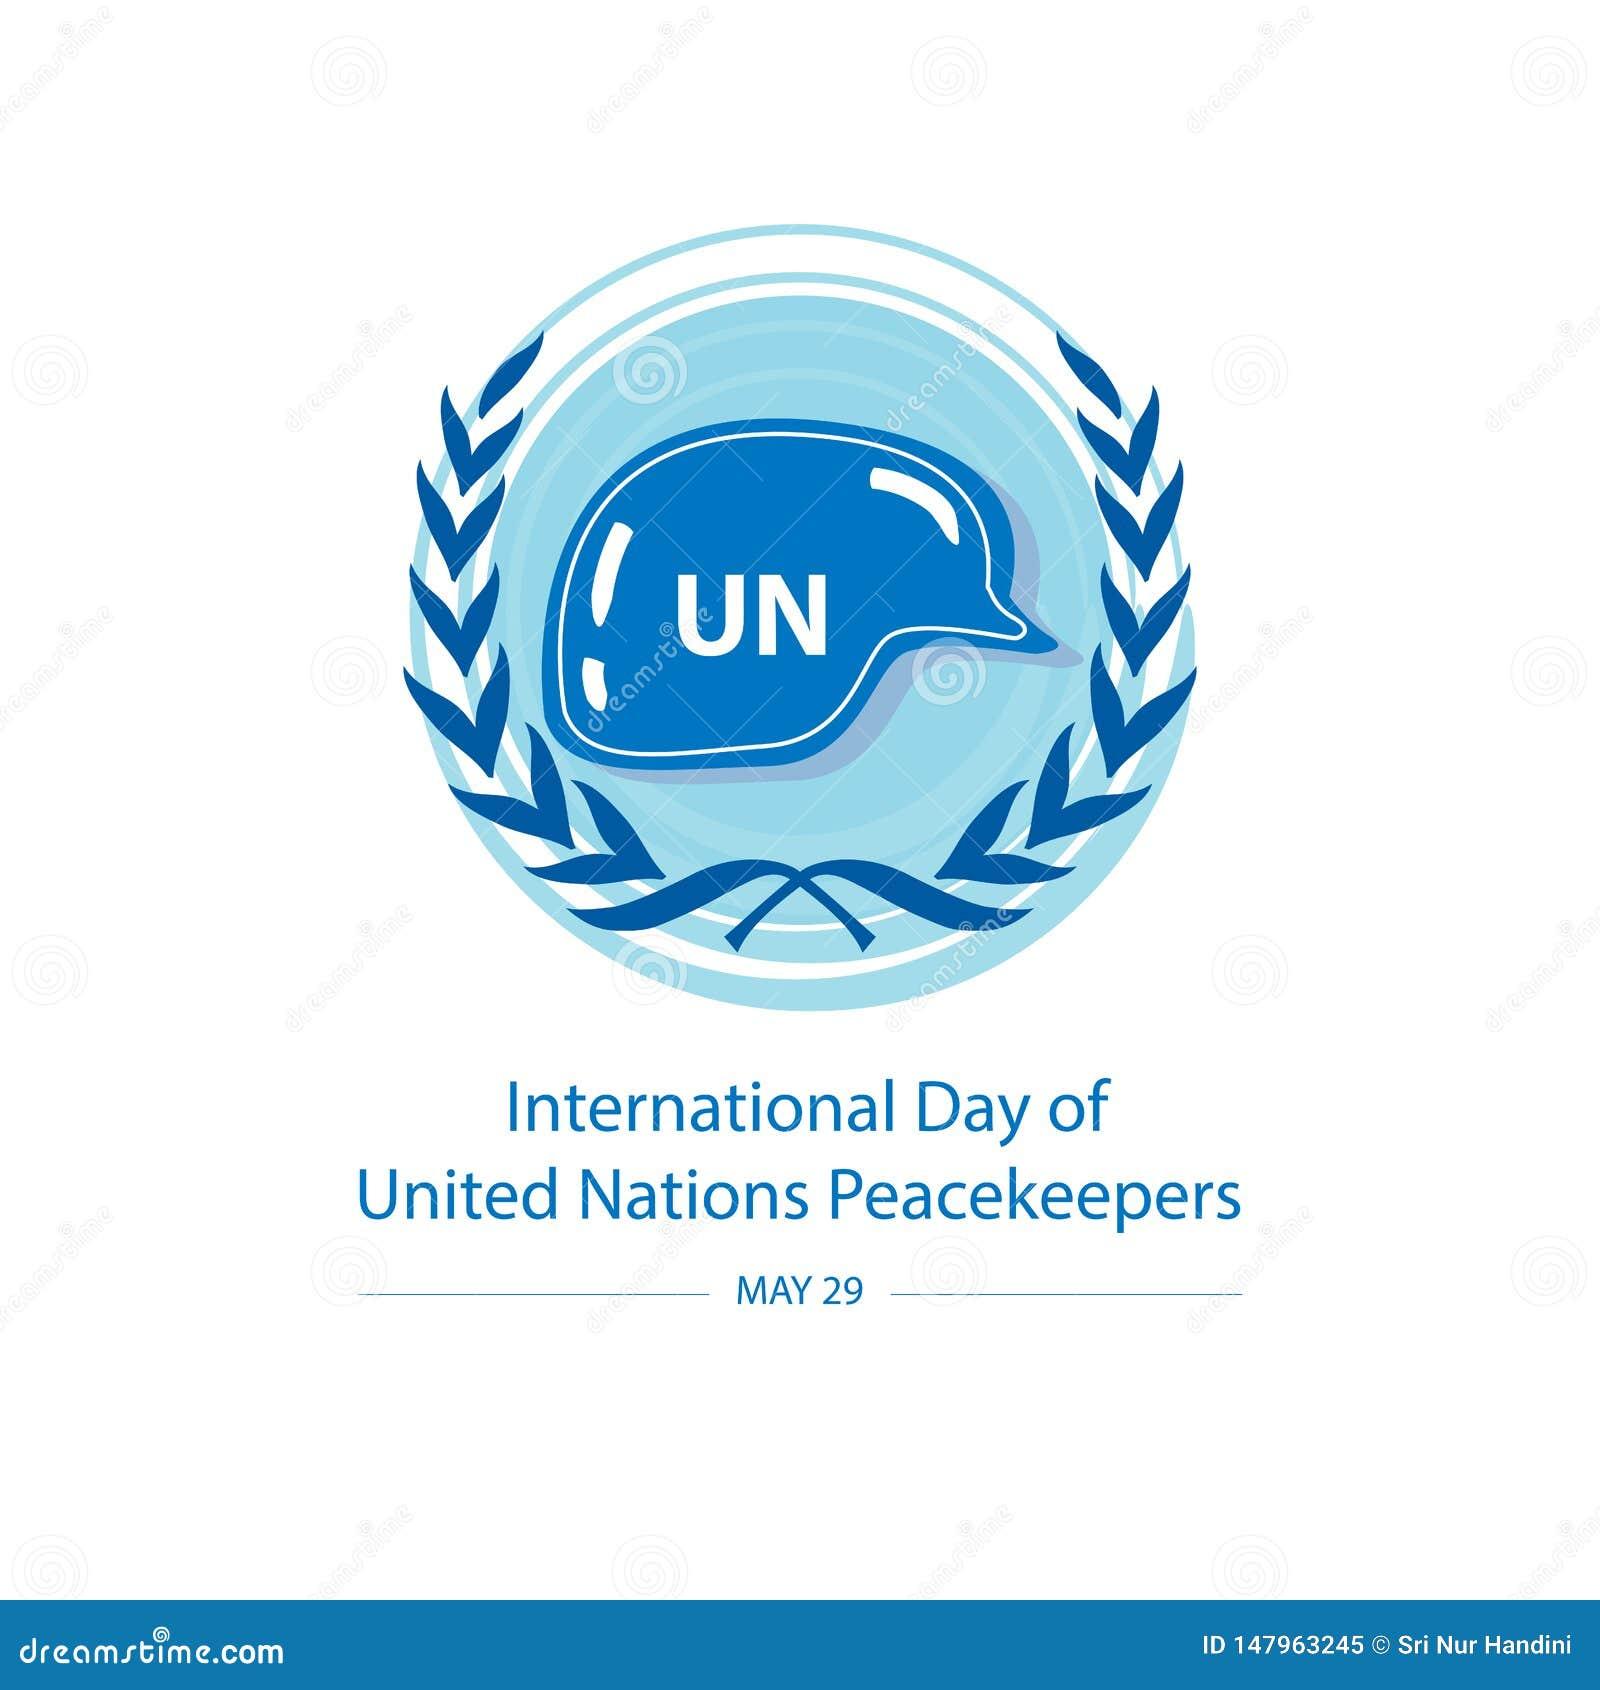 Internationaler Tag von Friedenstruppen der Vereinten Nationen